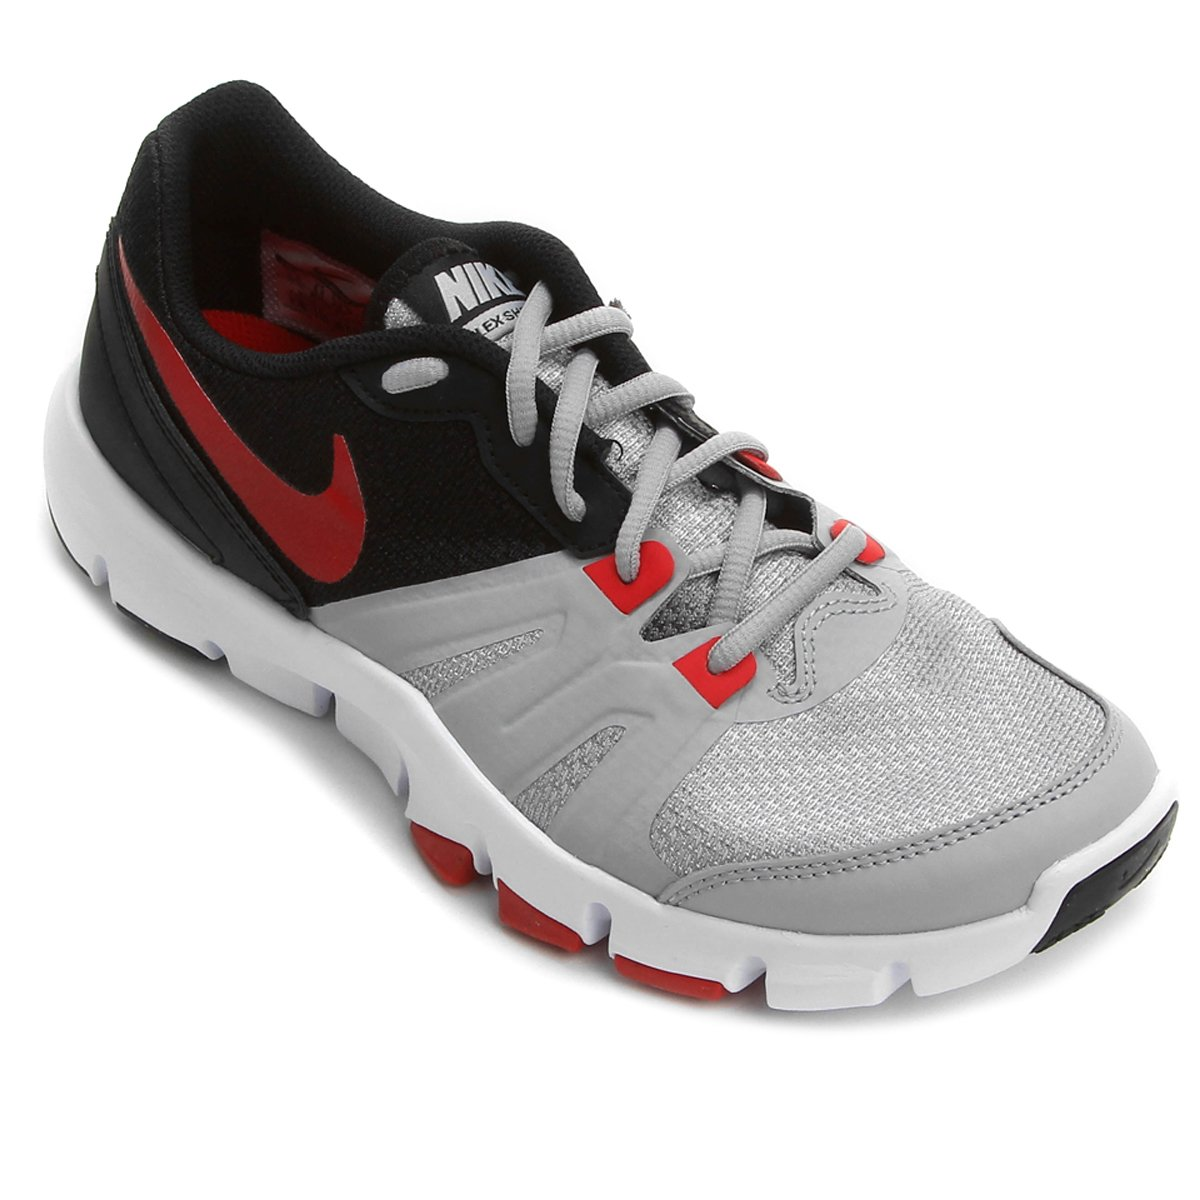 Tênis Nike Flex Show Tr 4 Msl Masculino - Compre Agora  6e75b34eb29de